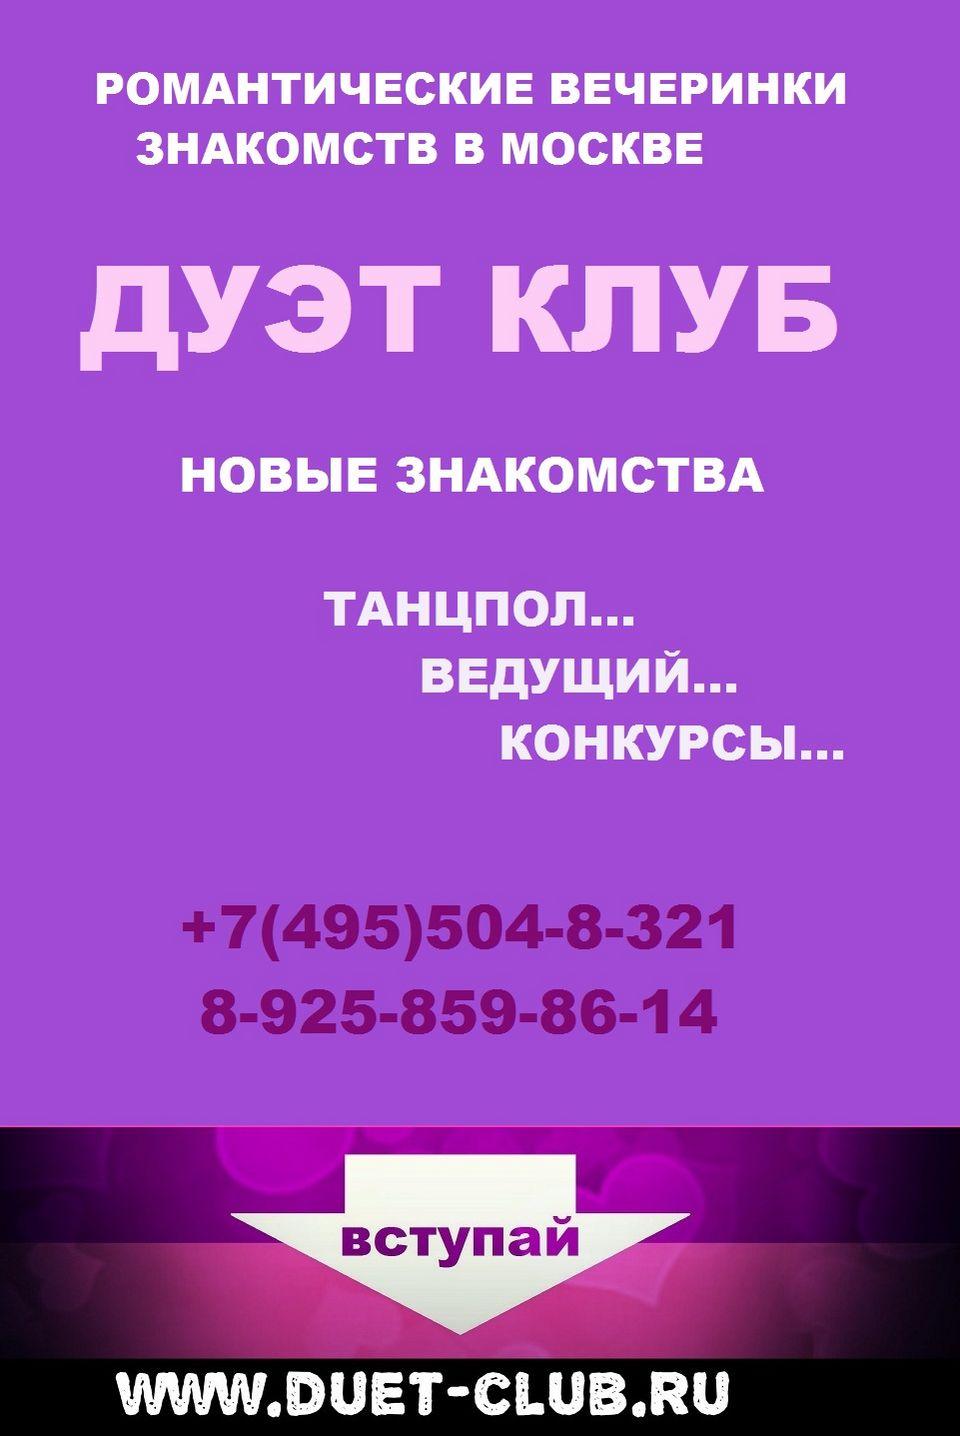 смоленская набережная 2 клуб знакомств москва